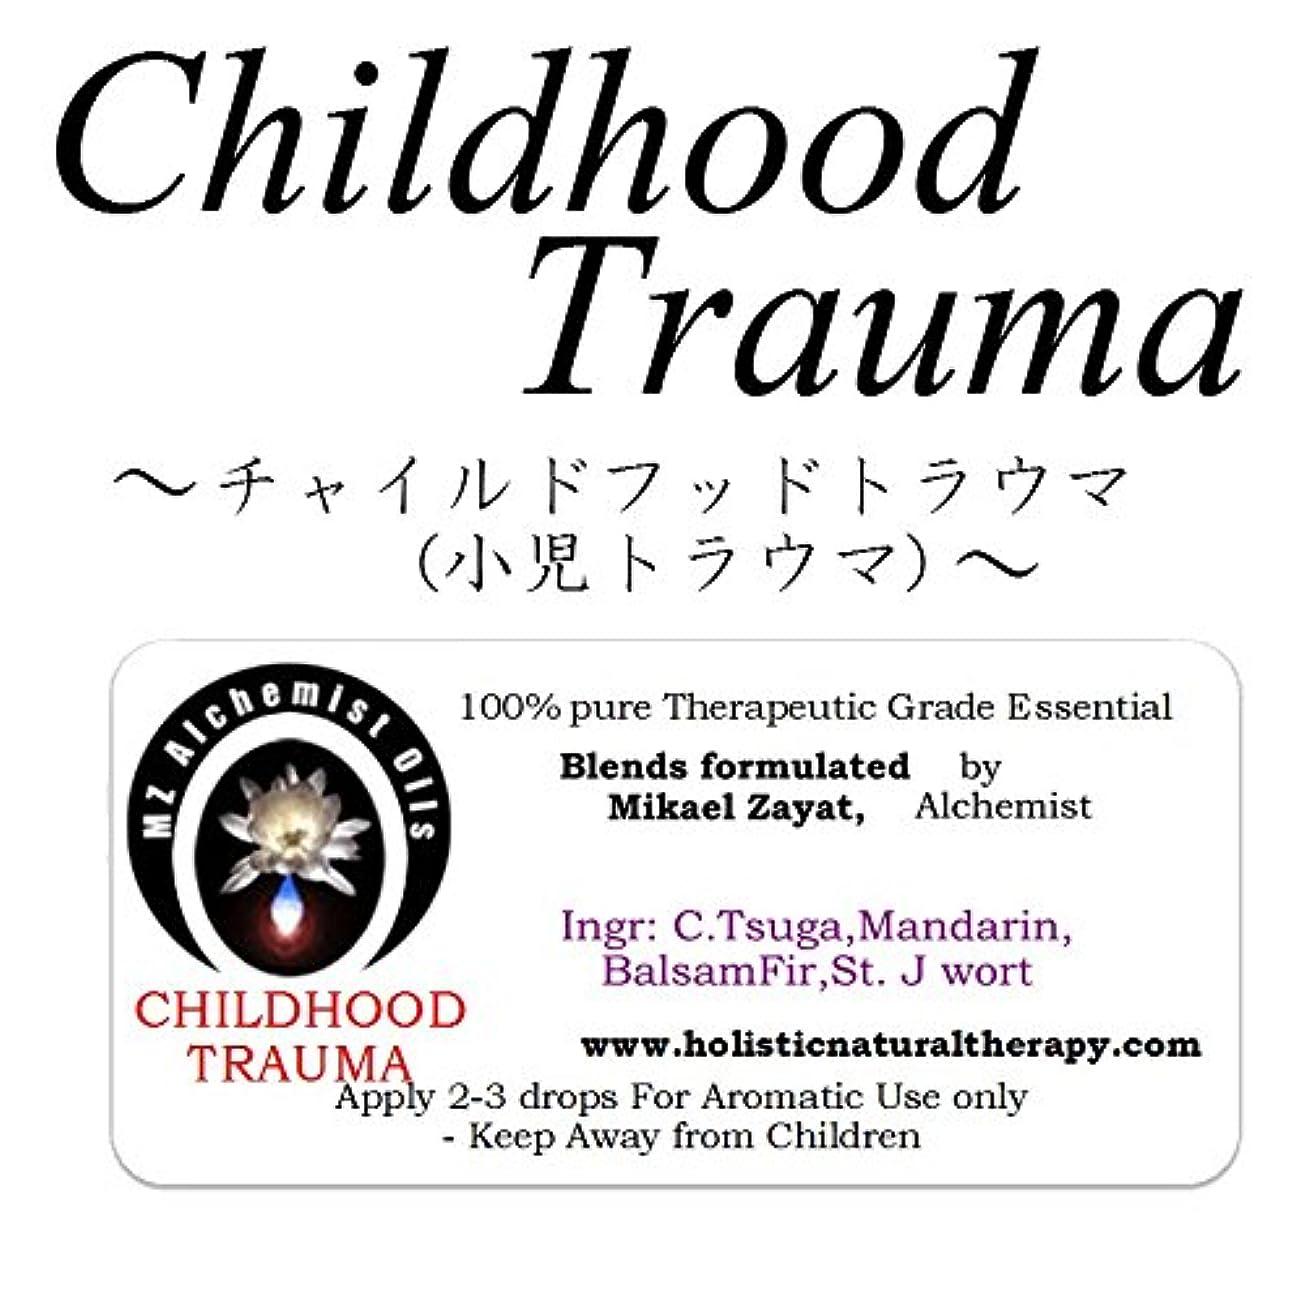 社交的特性胃ミカエルザヤットアルケミストオイル セラピストグレードアロマオイル Childhood Trauma-チャイルドフット?トラウマ(小児トラウマ)- 4ml